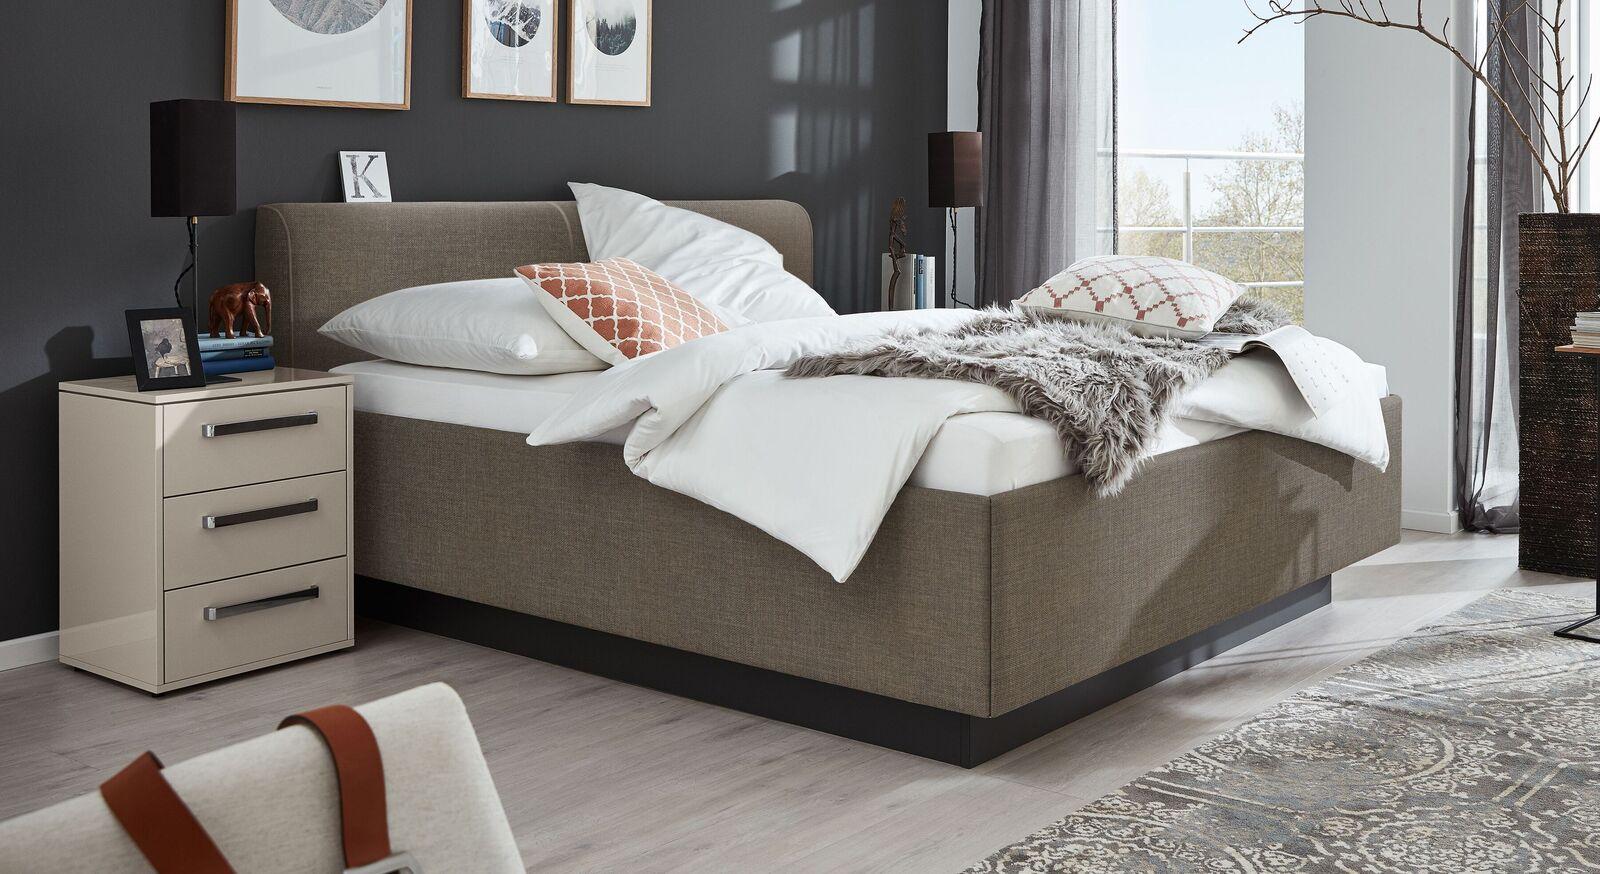 MUSTERRING Bett Epos mit Keder-Kopfteil mit dunklem Sockel